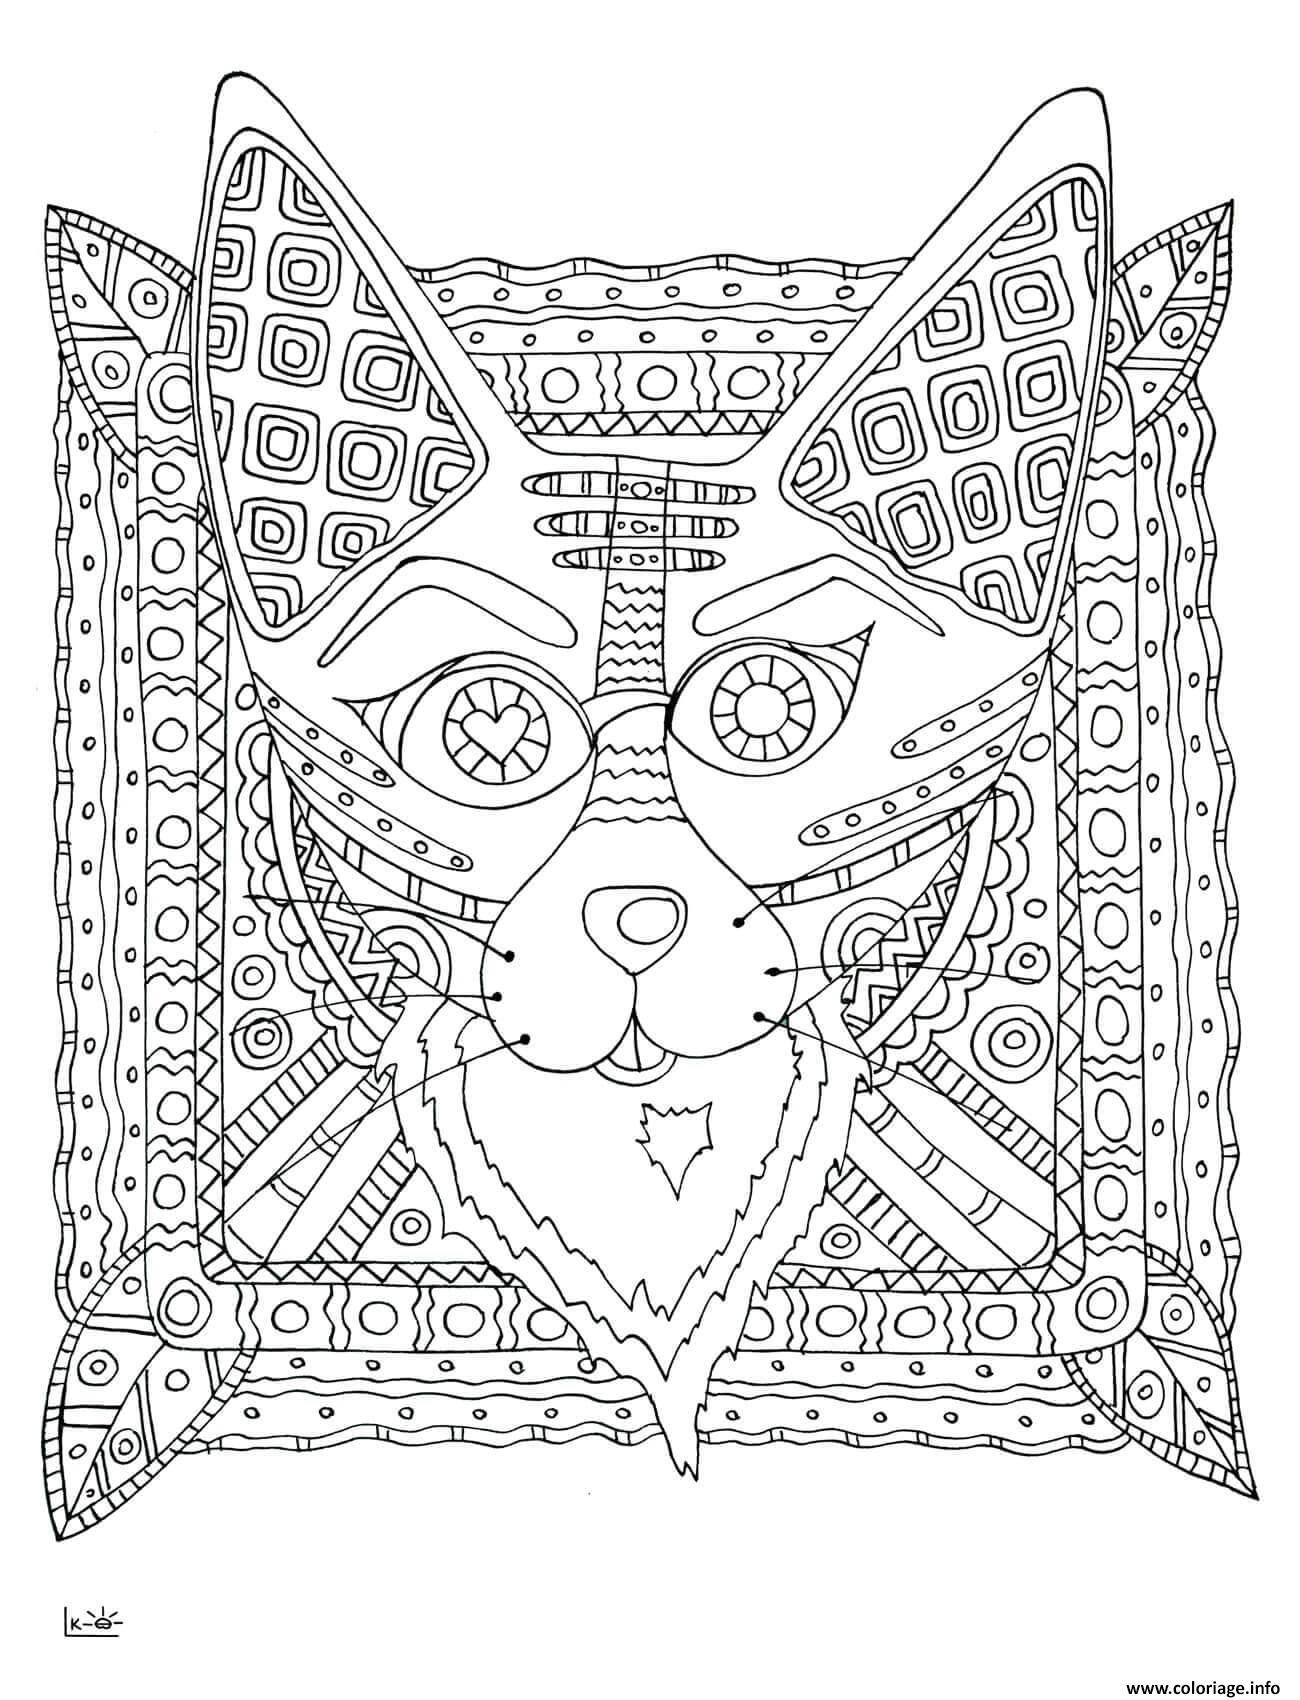 Dessin fox with tribal pattern adulte Coloriage Gratuit à Imprimer